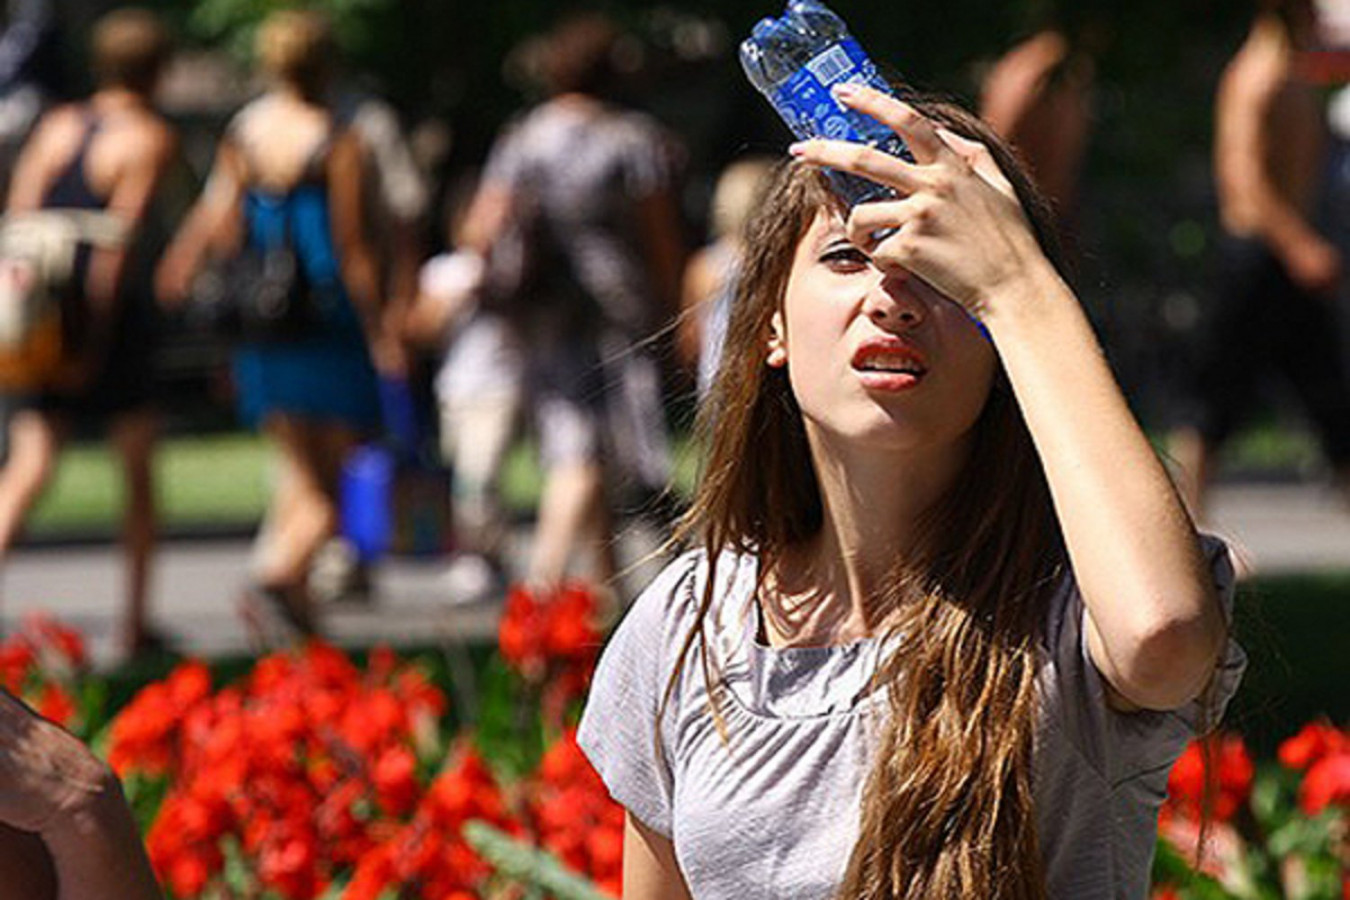 Почему опасно выходить на улицу в жаркую погоду в пандемию